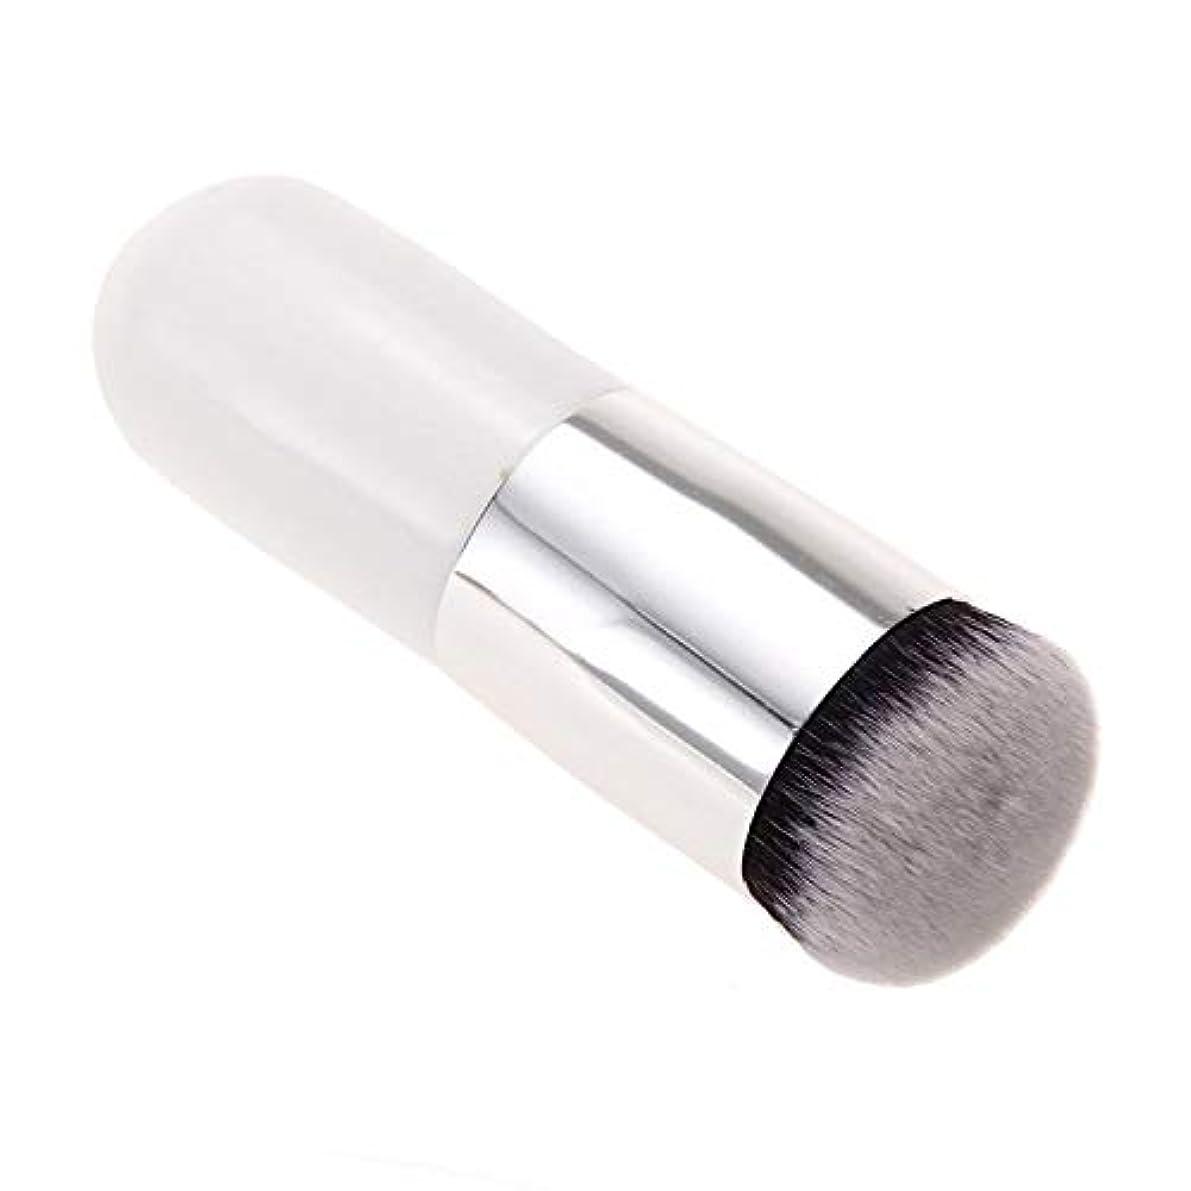 アウトドアぶら下がる繰り返すRexulikoz - 1PCSチャビー財団ブラシフラットクリームメイクアッププロフェッショナル化粧品メイクアップブラシポータブルBBフラットブラシをブラシ